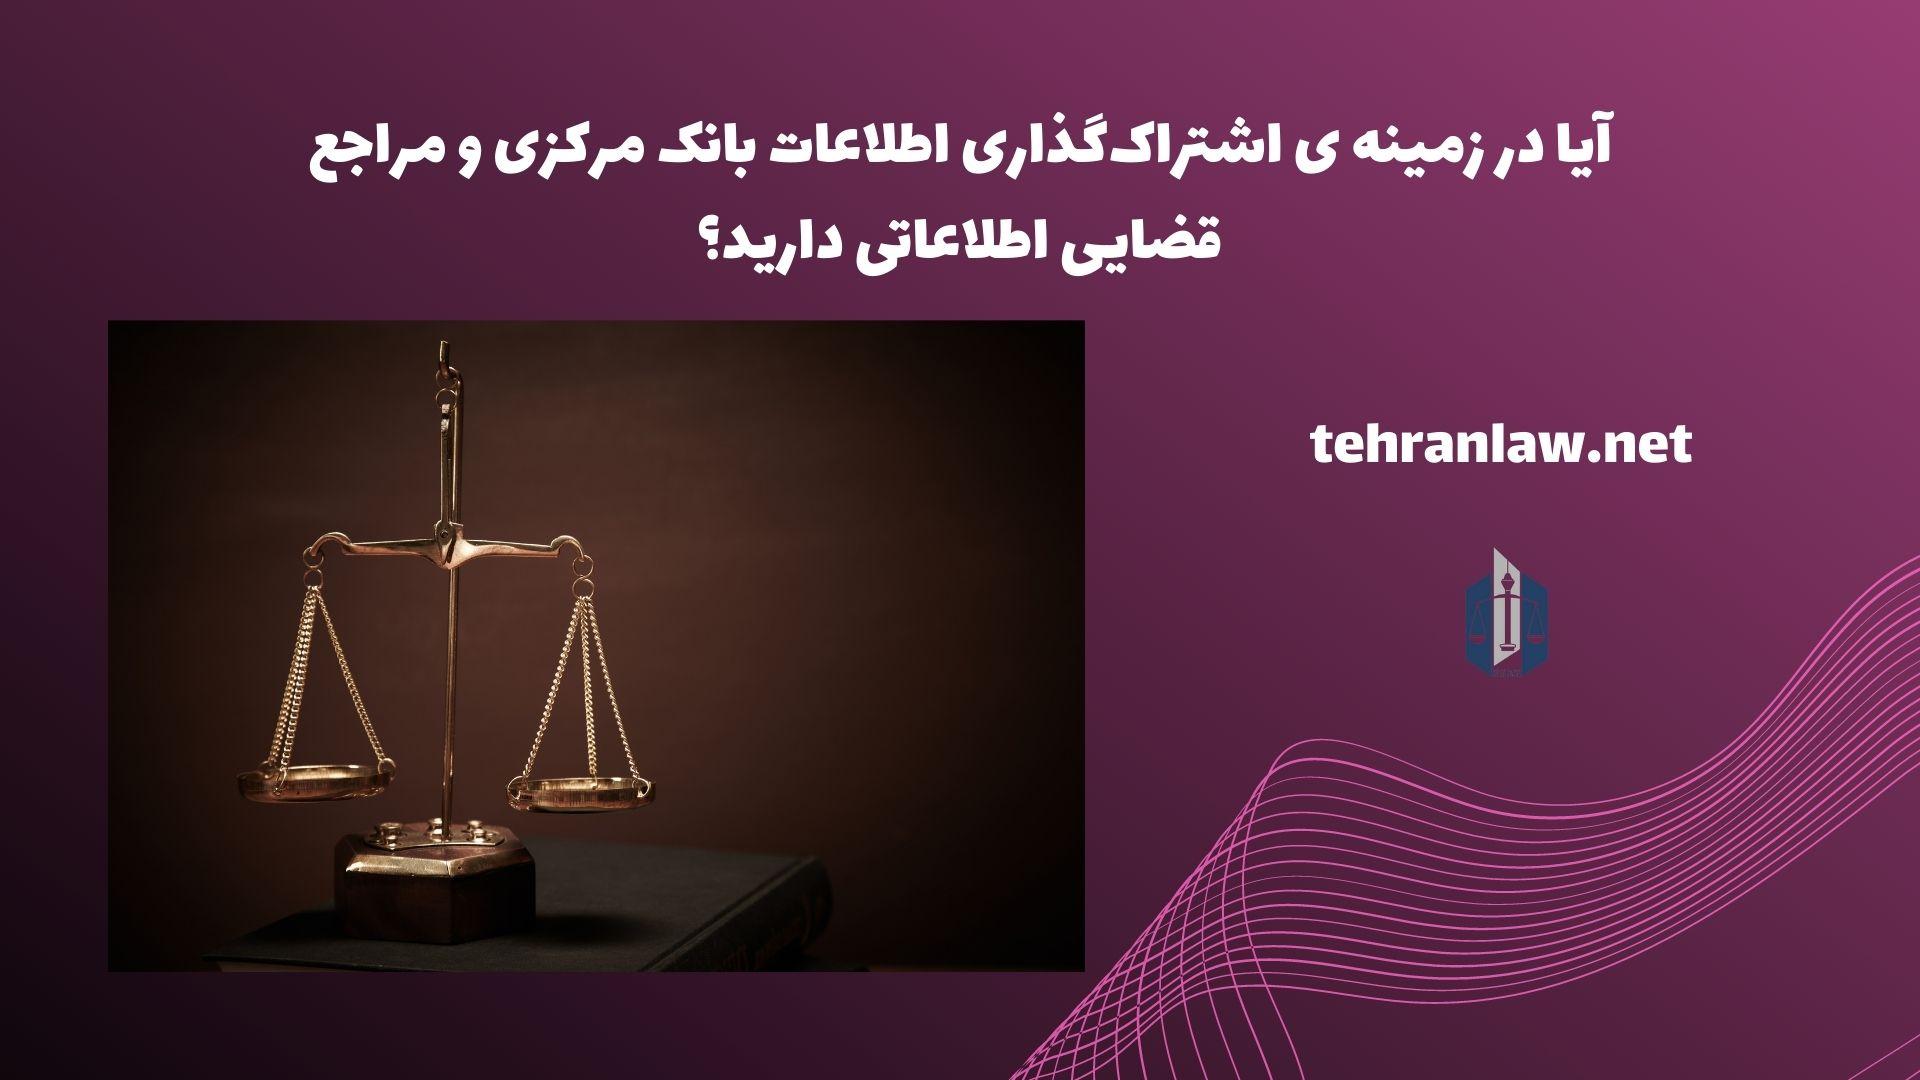 آیا در زمینه ی اشتراک گذاری اطلاعات بانک مرکزی و مراجع قضایی اطلاعاتی دارید؟